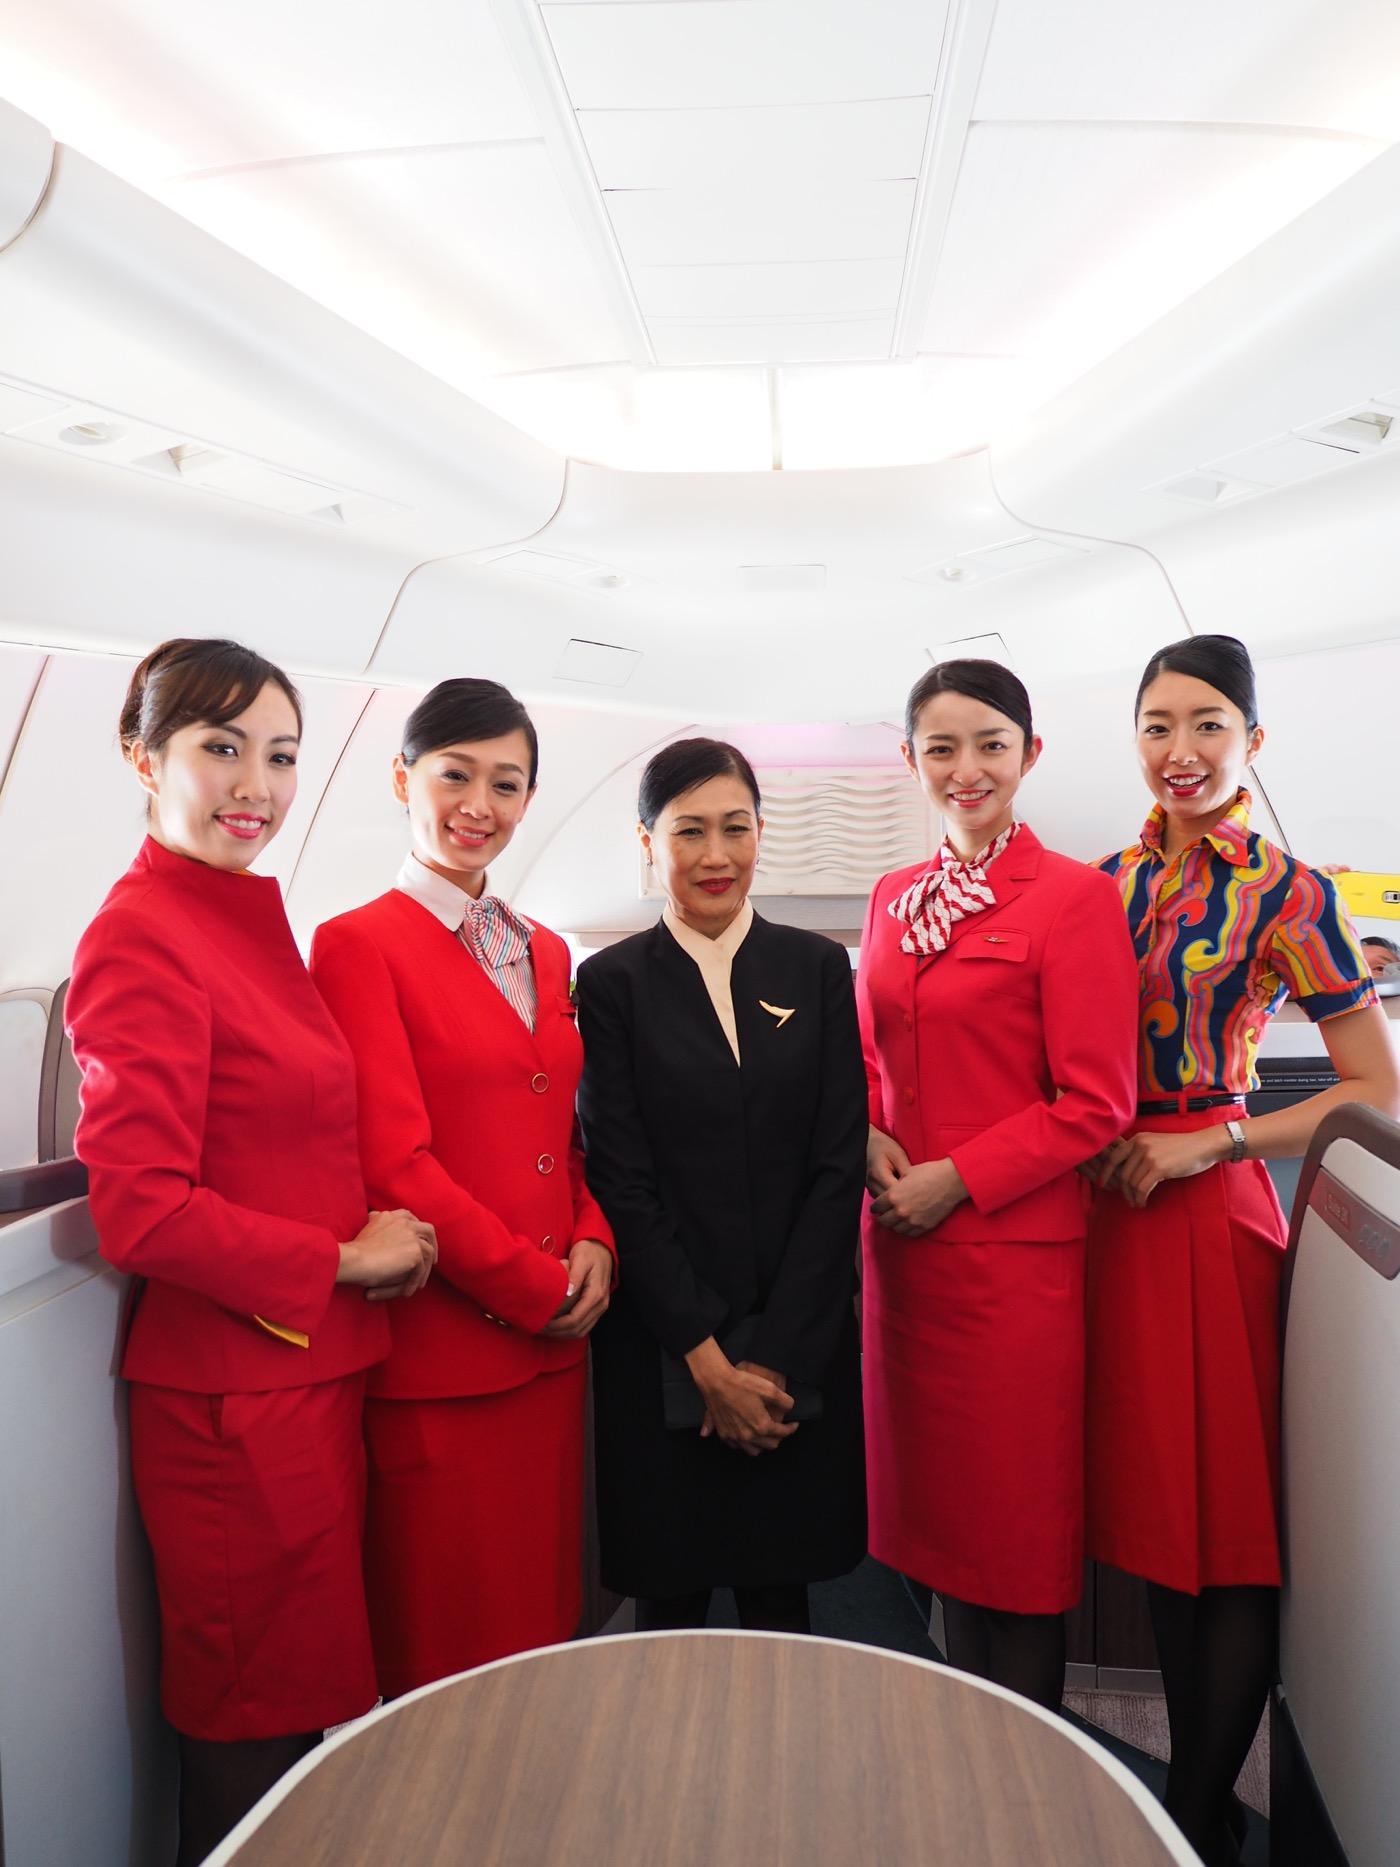 キャセイパシフィック航空 B747-400 ラストフライト【ダイジェスト版】